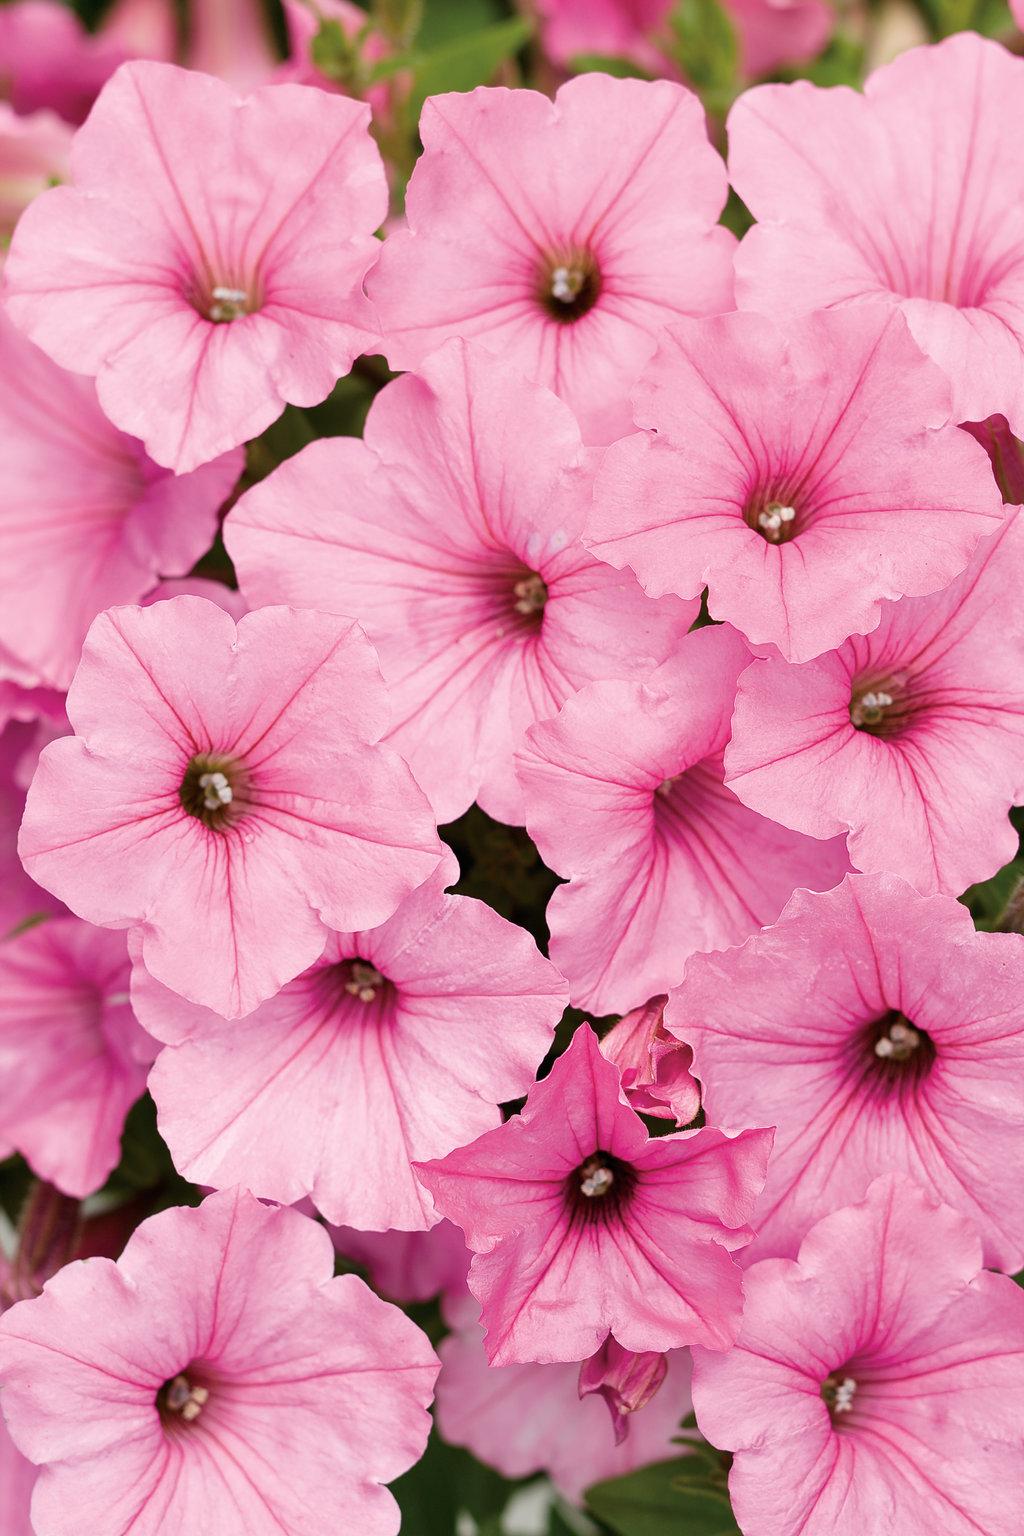 Supertunia Vista Bubblegum Petunia Hybrid Proven Winners